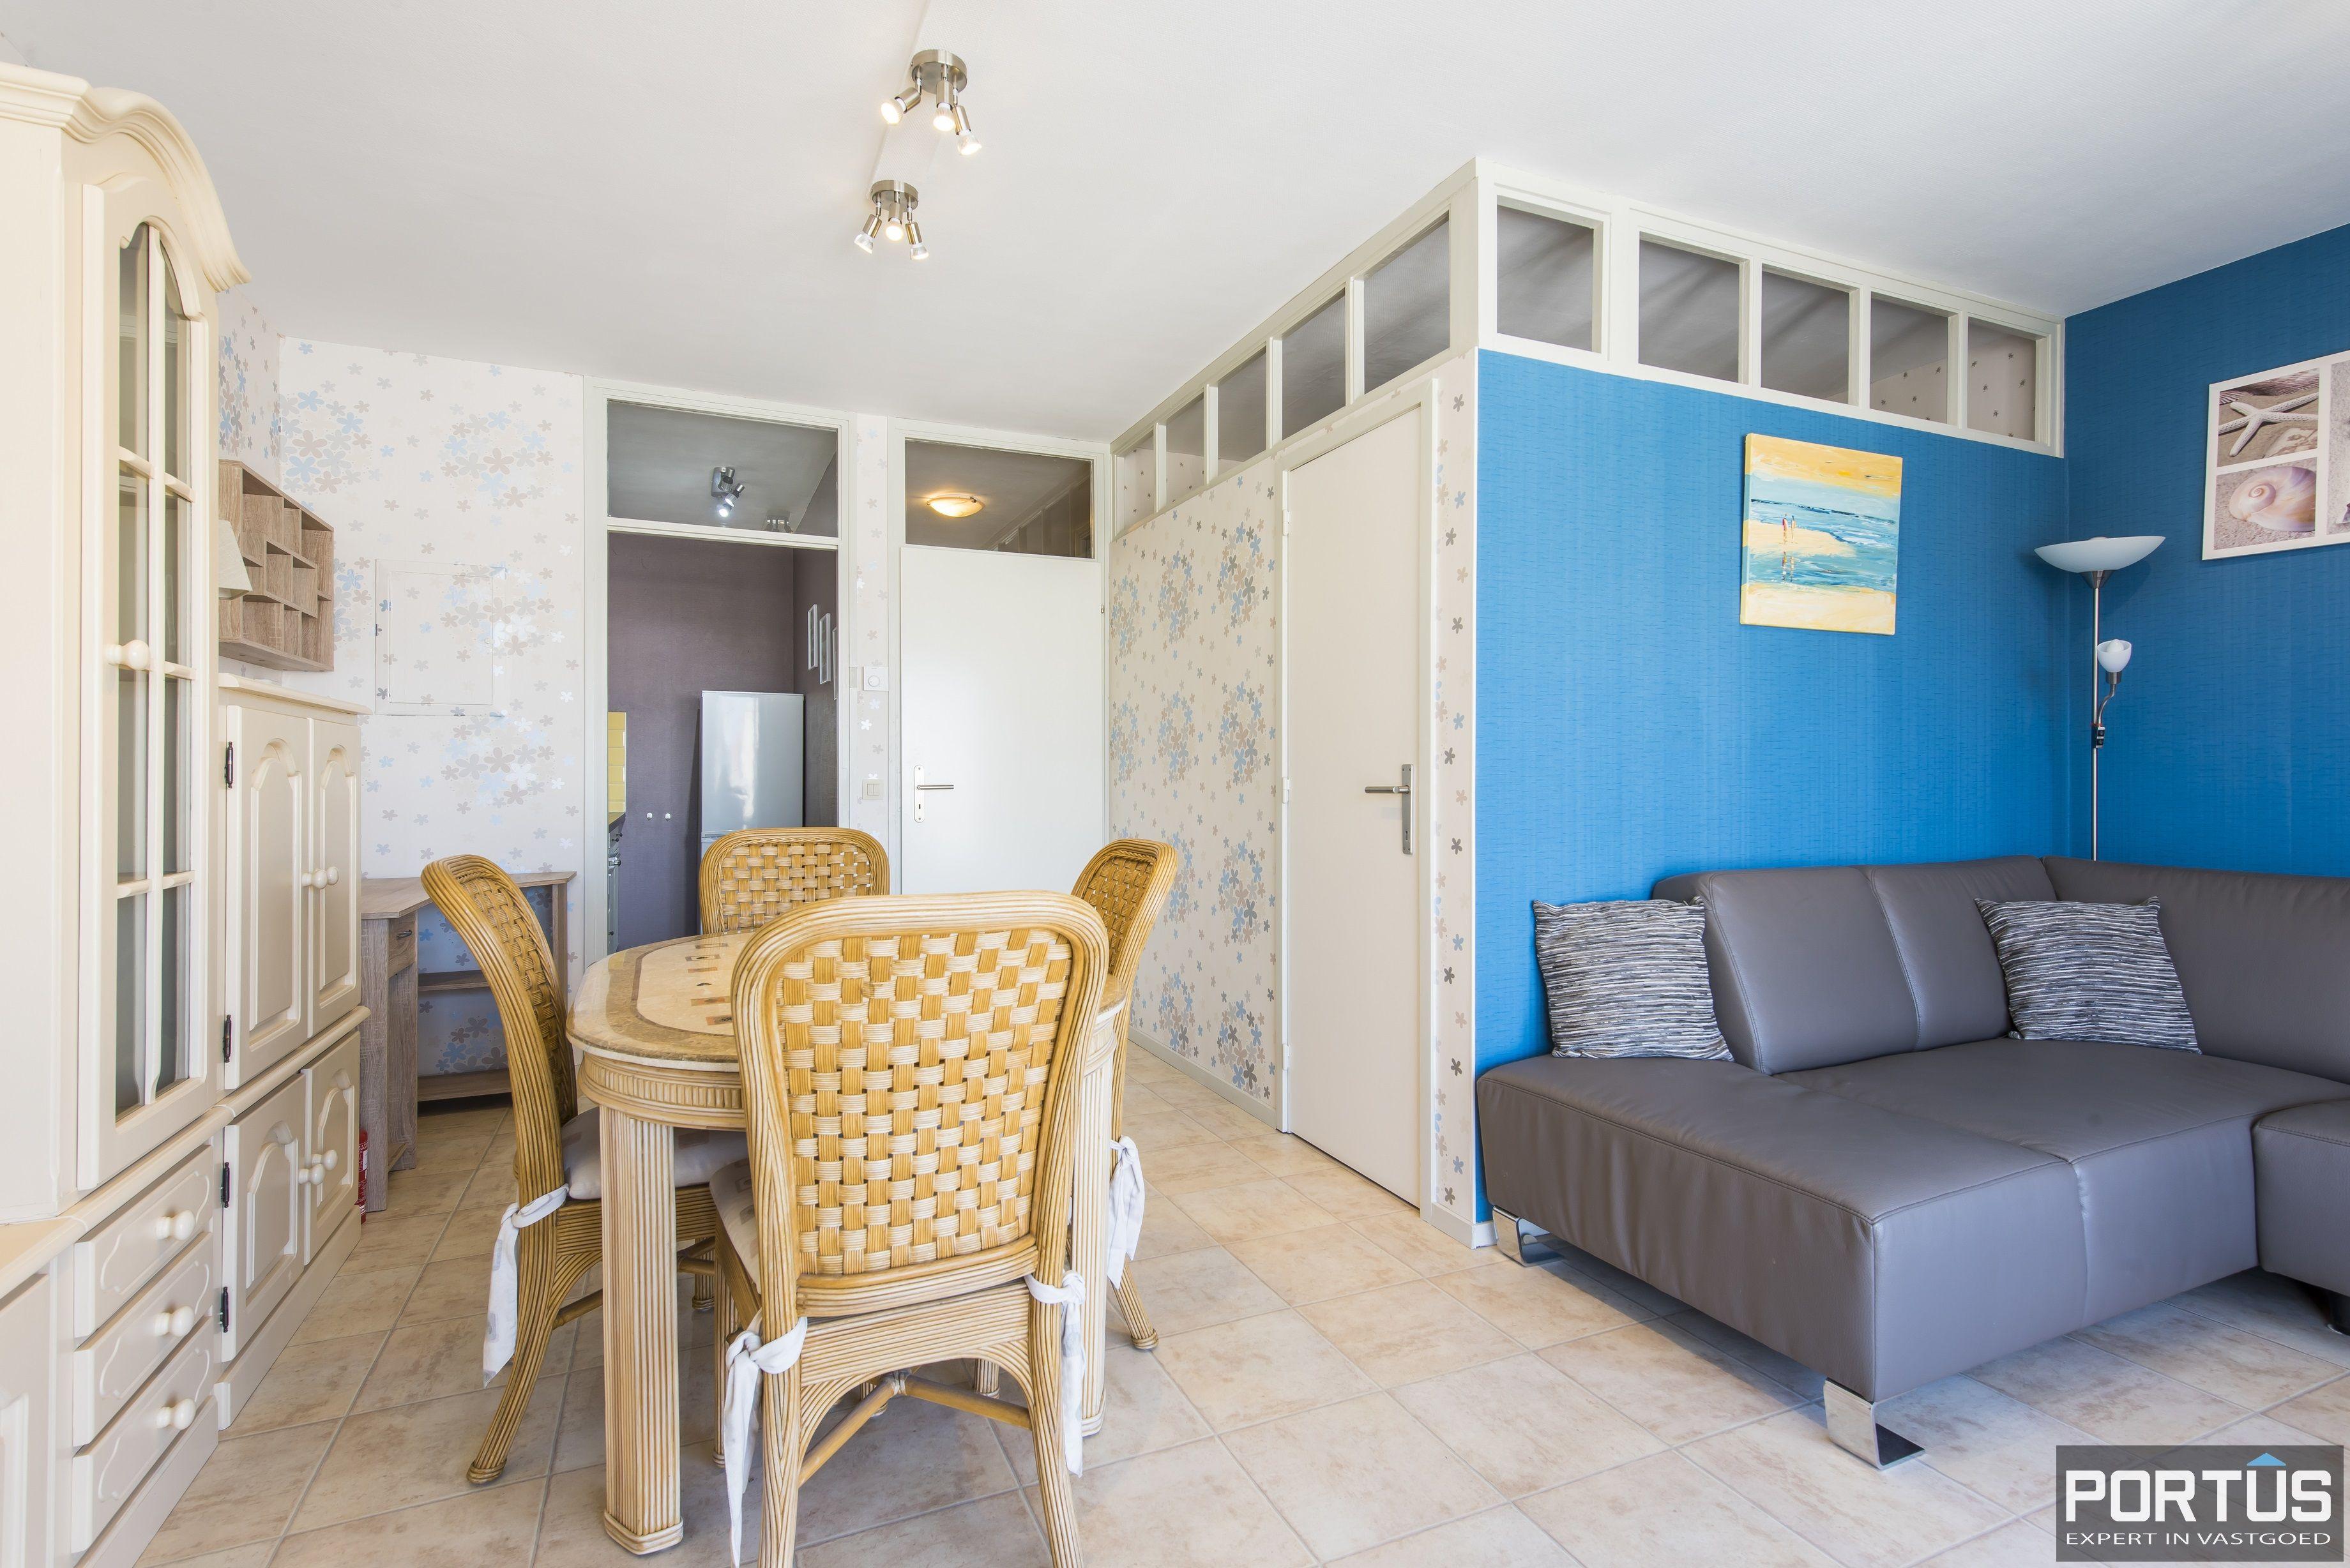 Instapklaar 1 slaapkamer appartement met ruim terras met zijdelings zeezicht te koop - 9545